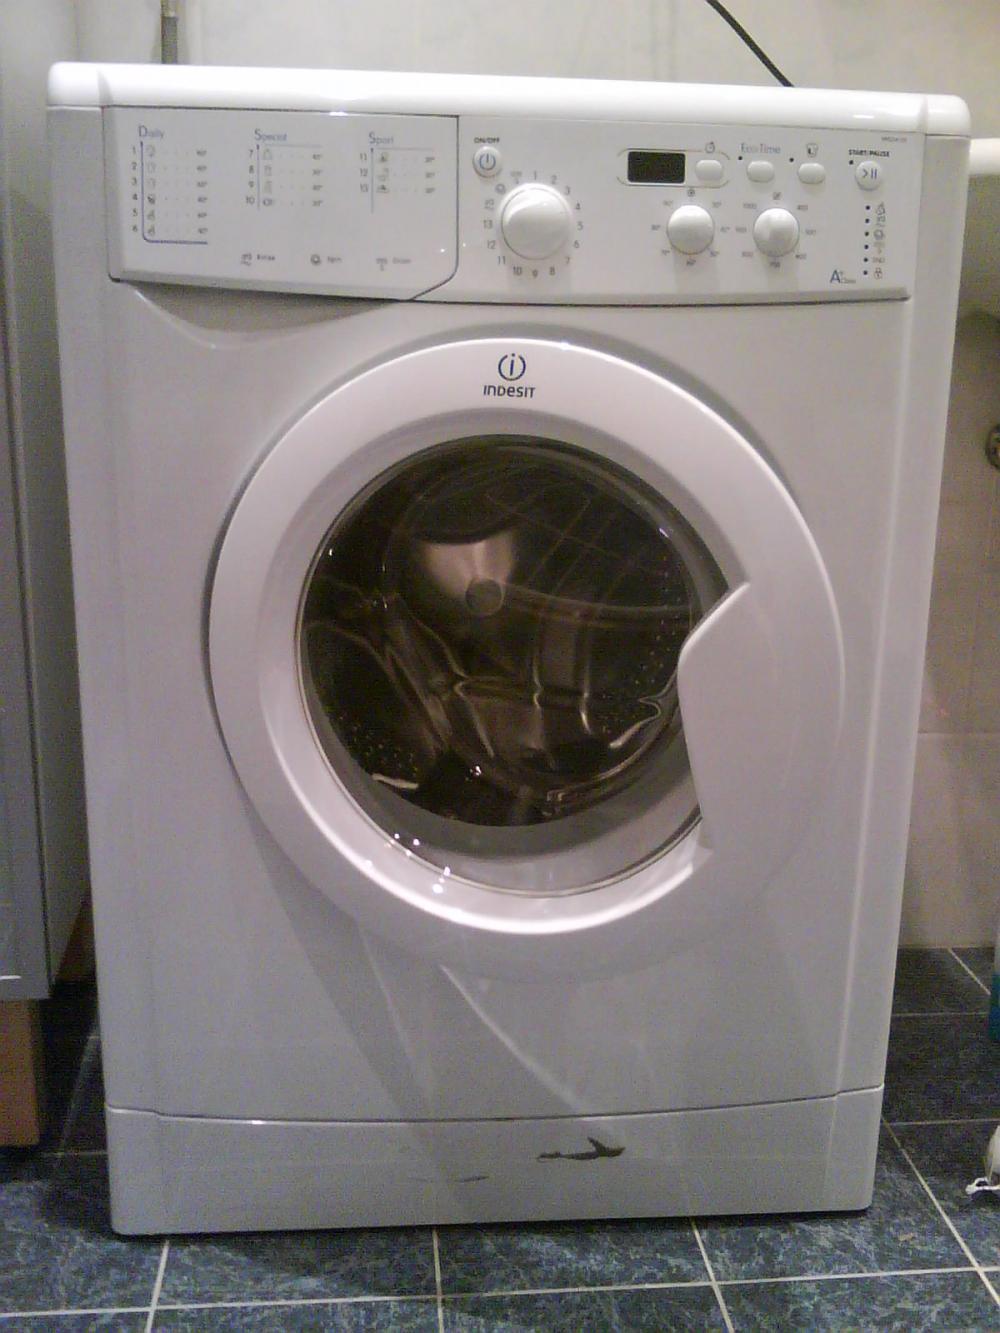 Neuwertige Indesit Waschmaschine Energieeffizienz Klasse A 410653